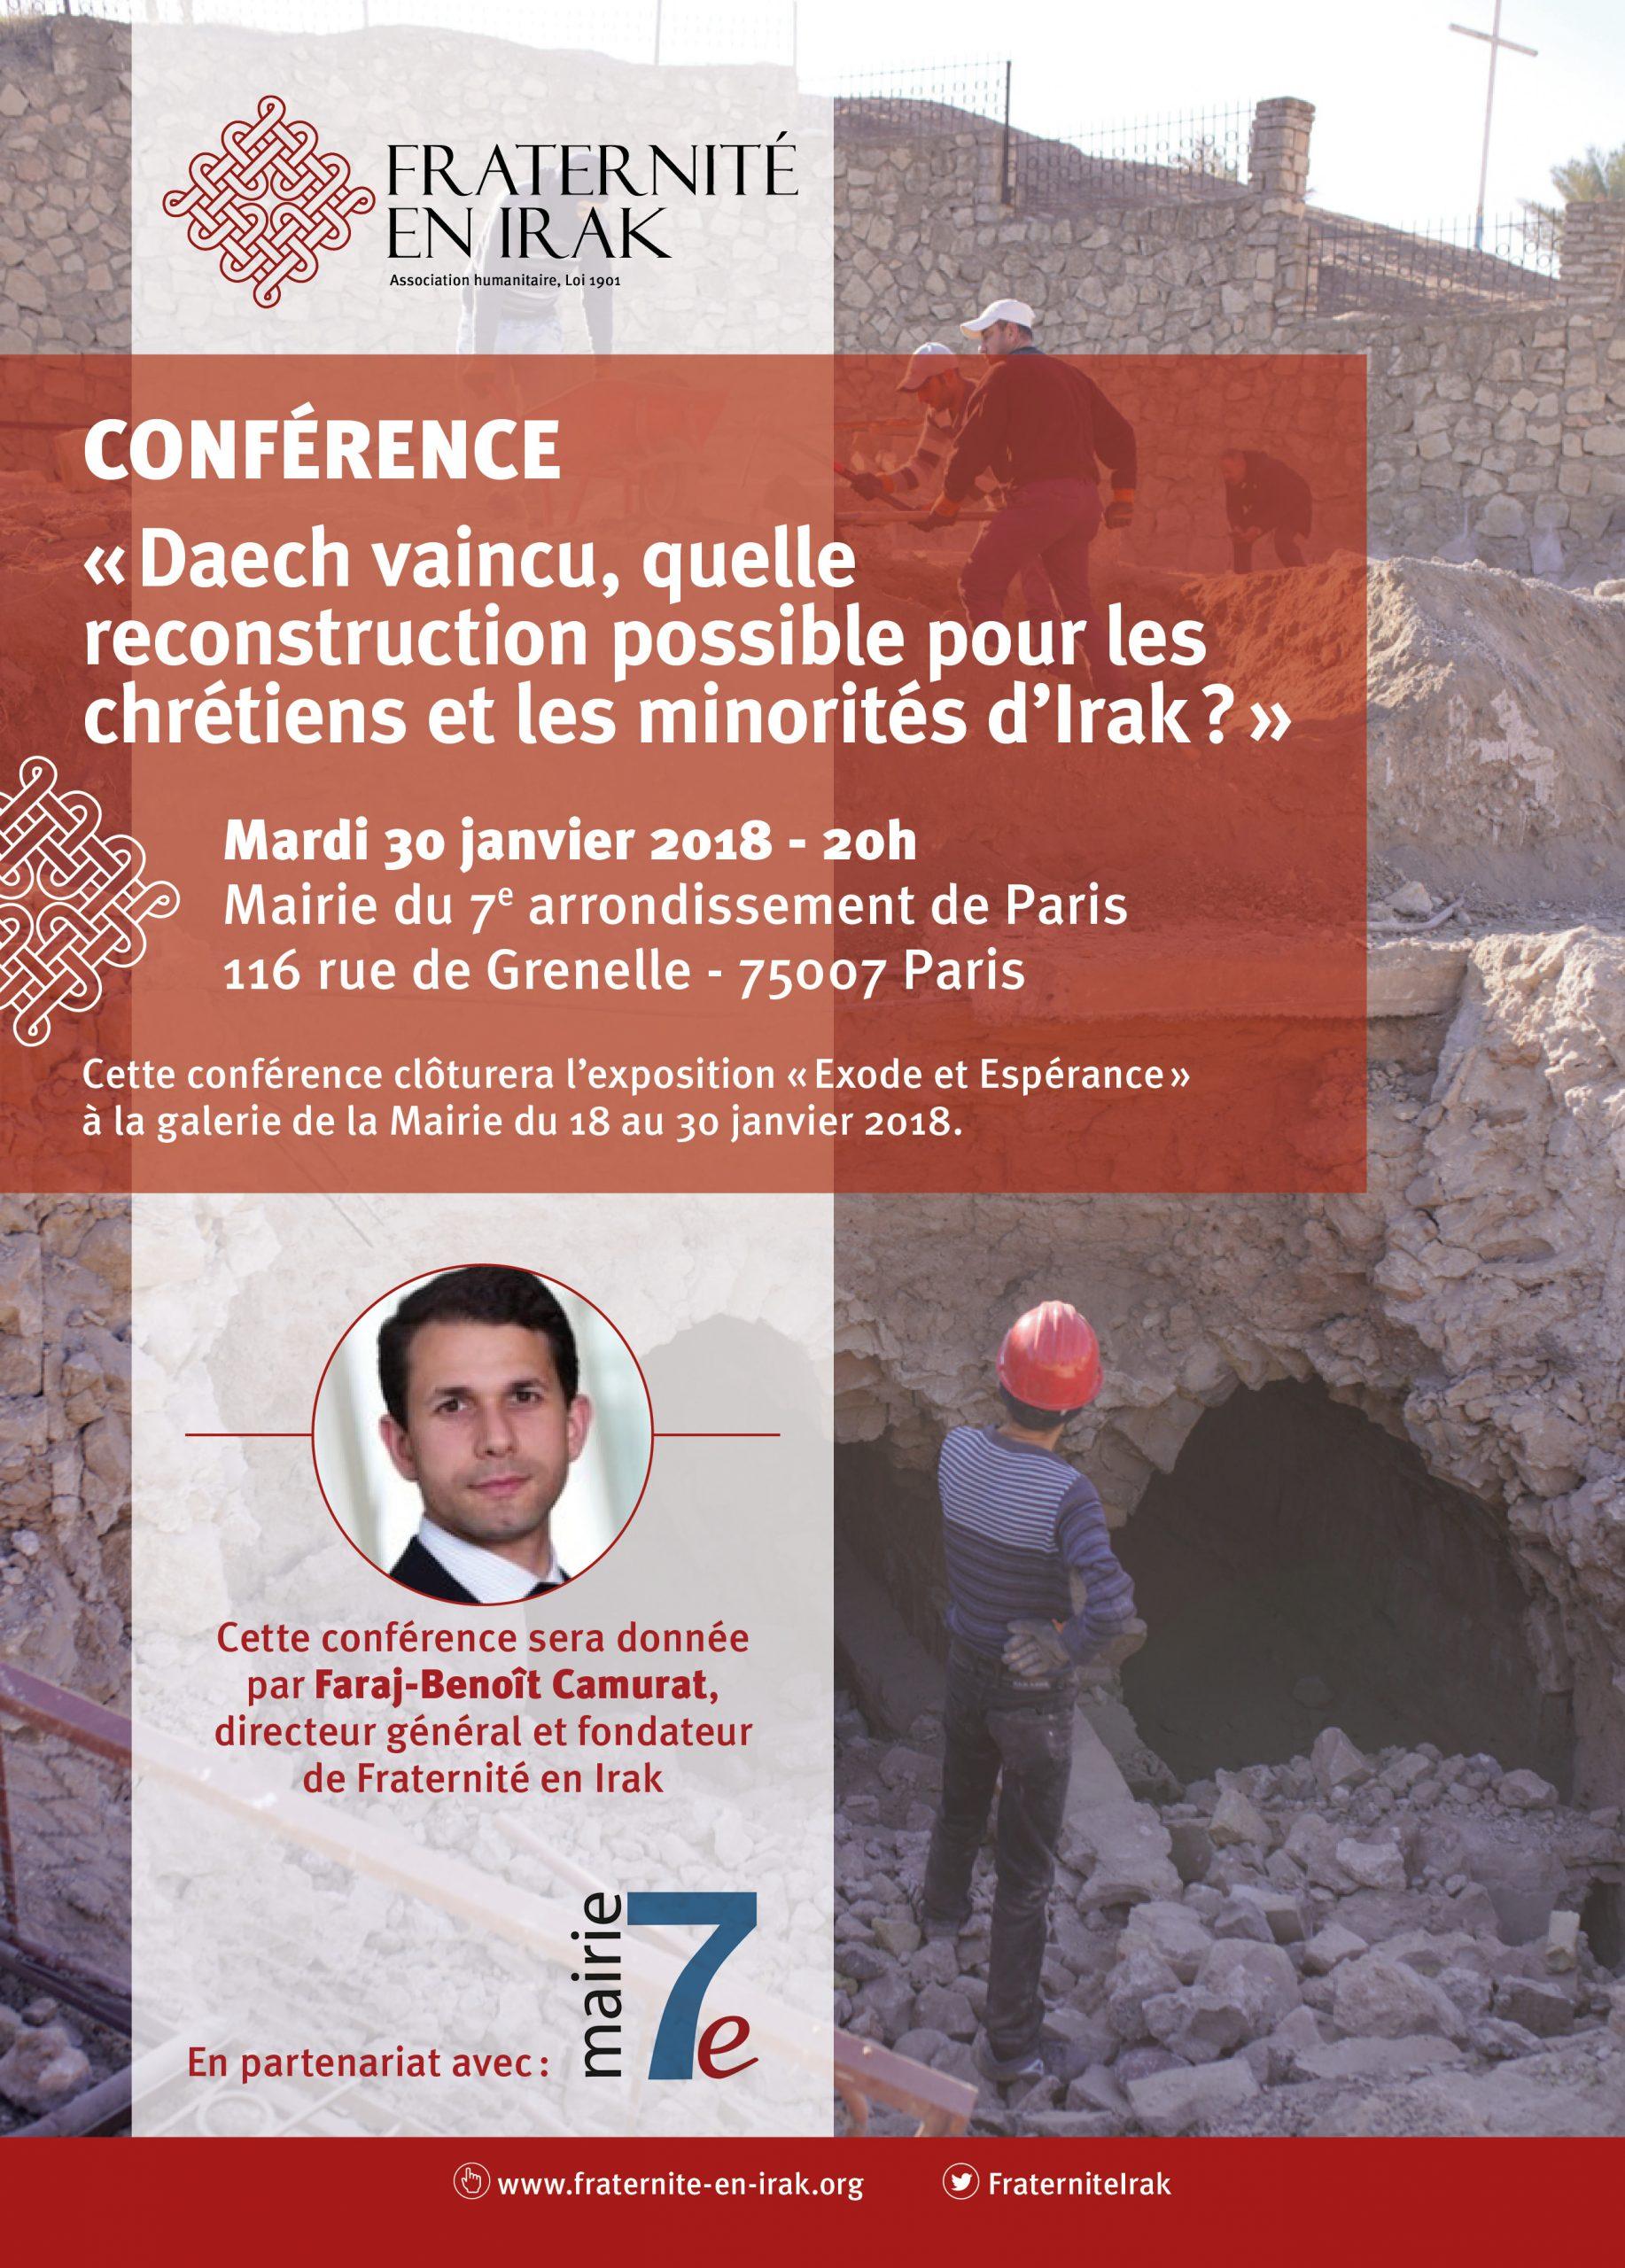 Daech vaincu, quelle reconstruction possible pour les chrétiens et les minorités d'Irak? Conférence à Paris le 30 janvier 2018